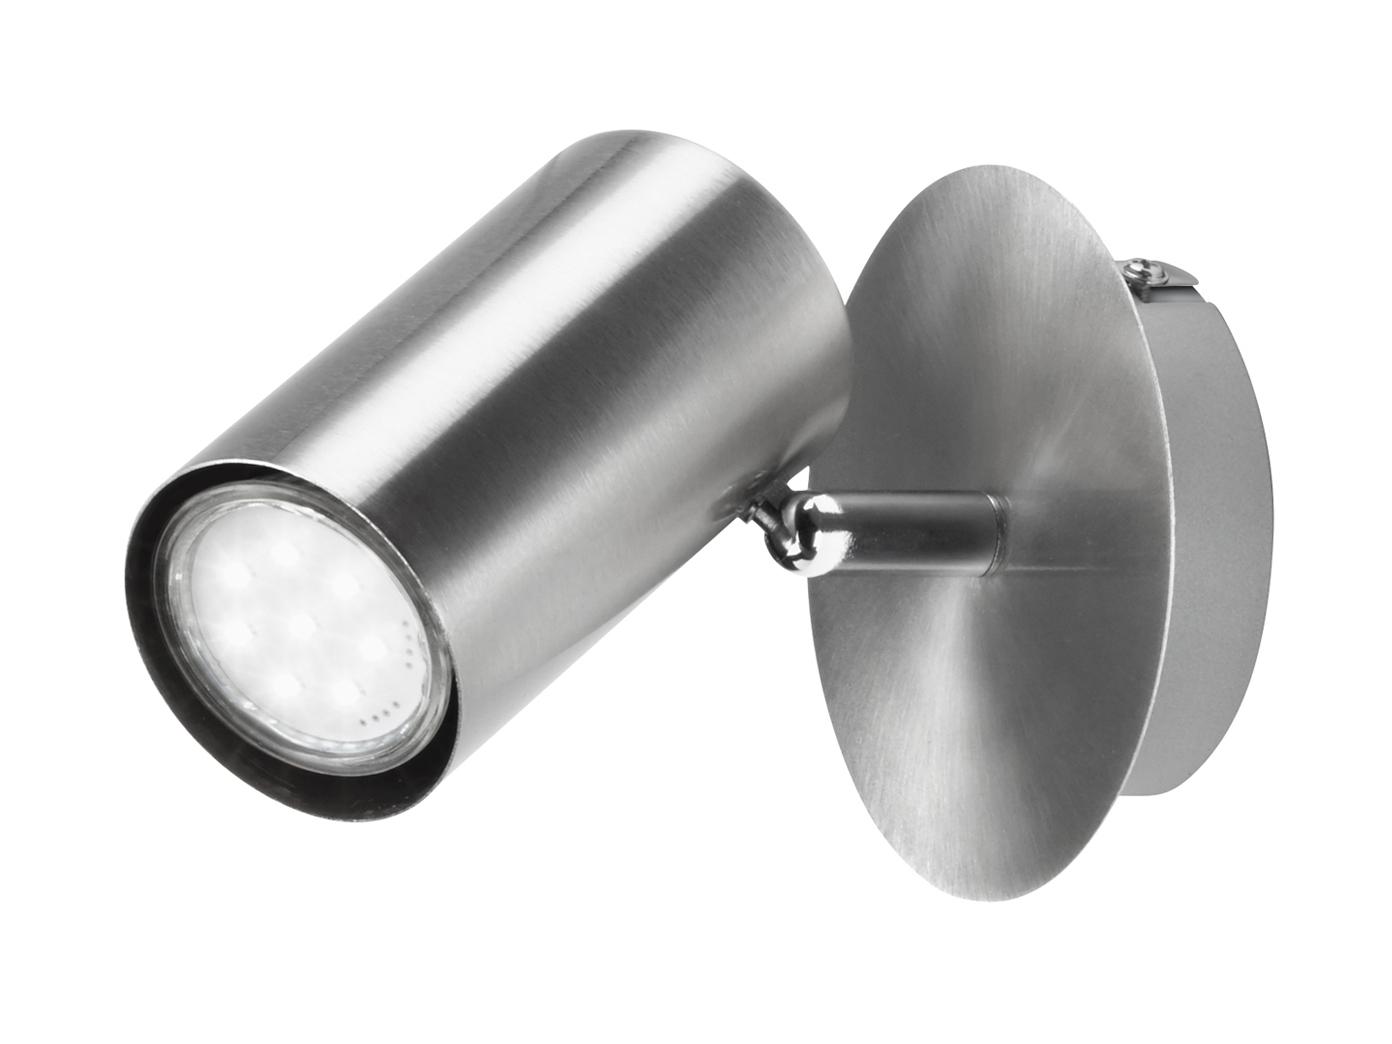 LED Wandspot Nickel matt Spot schwenk- + drehbar - Wandleuchte fürs  Schlafzimmer